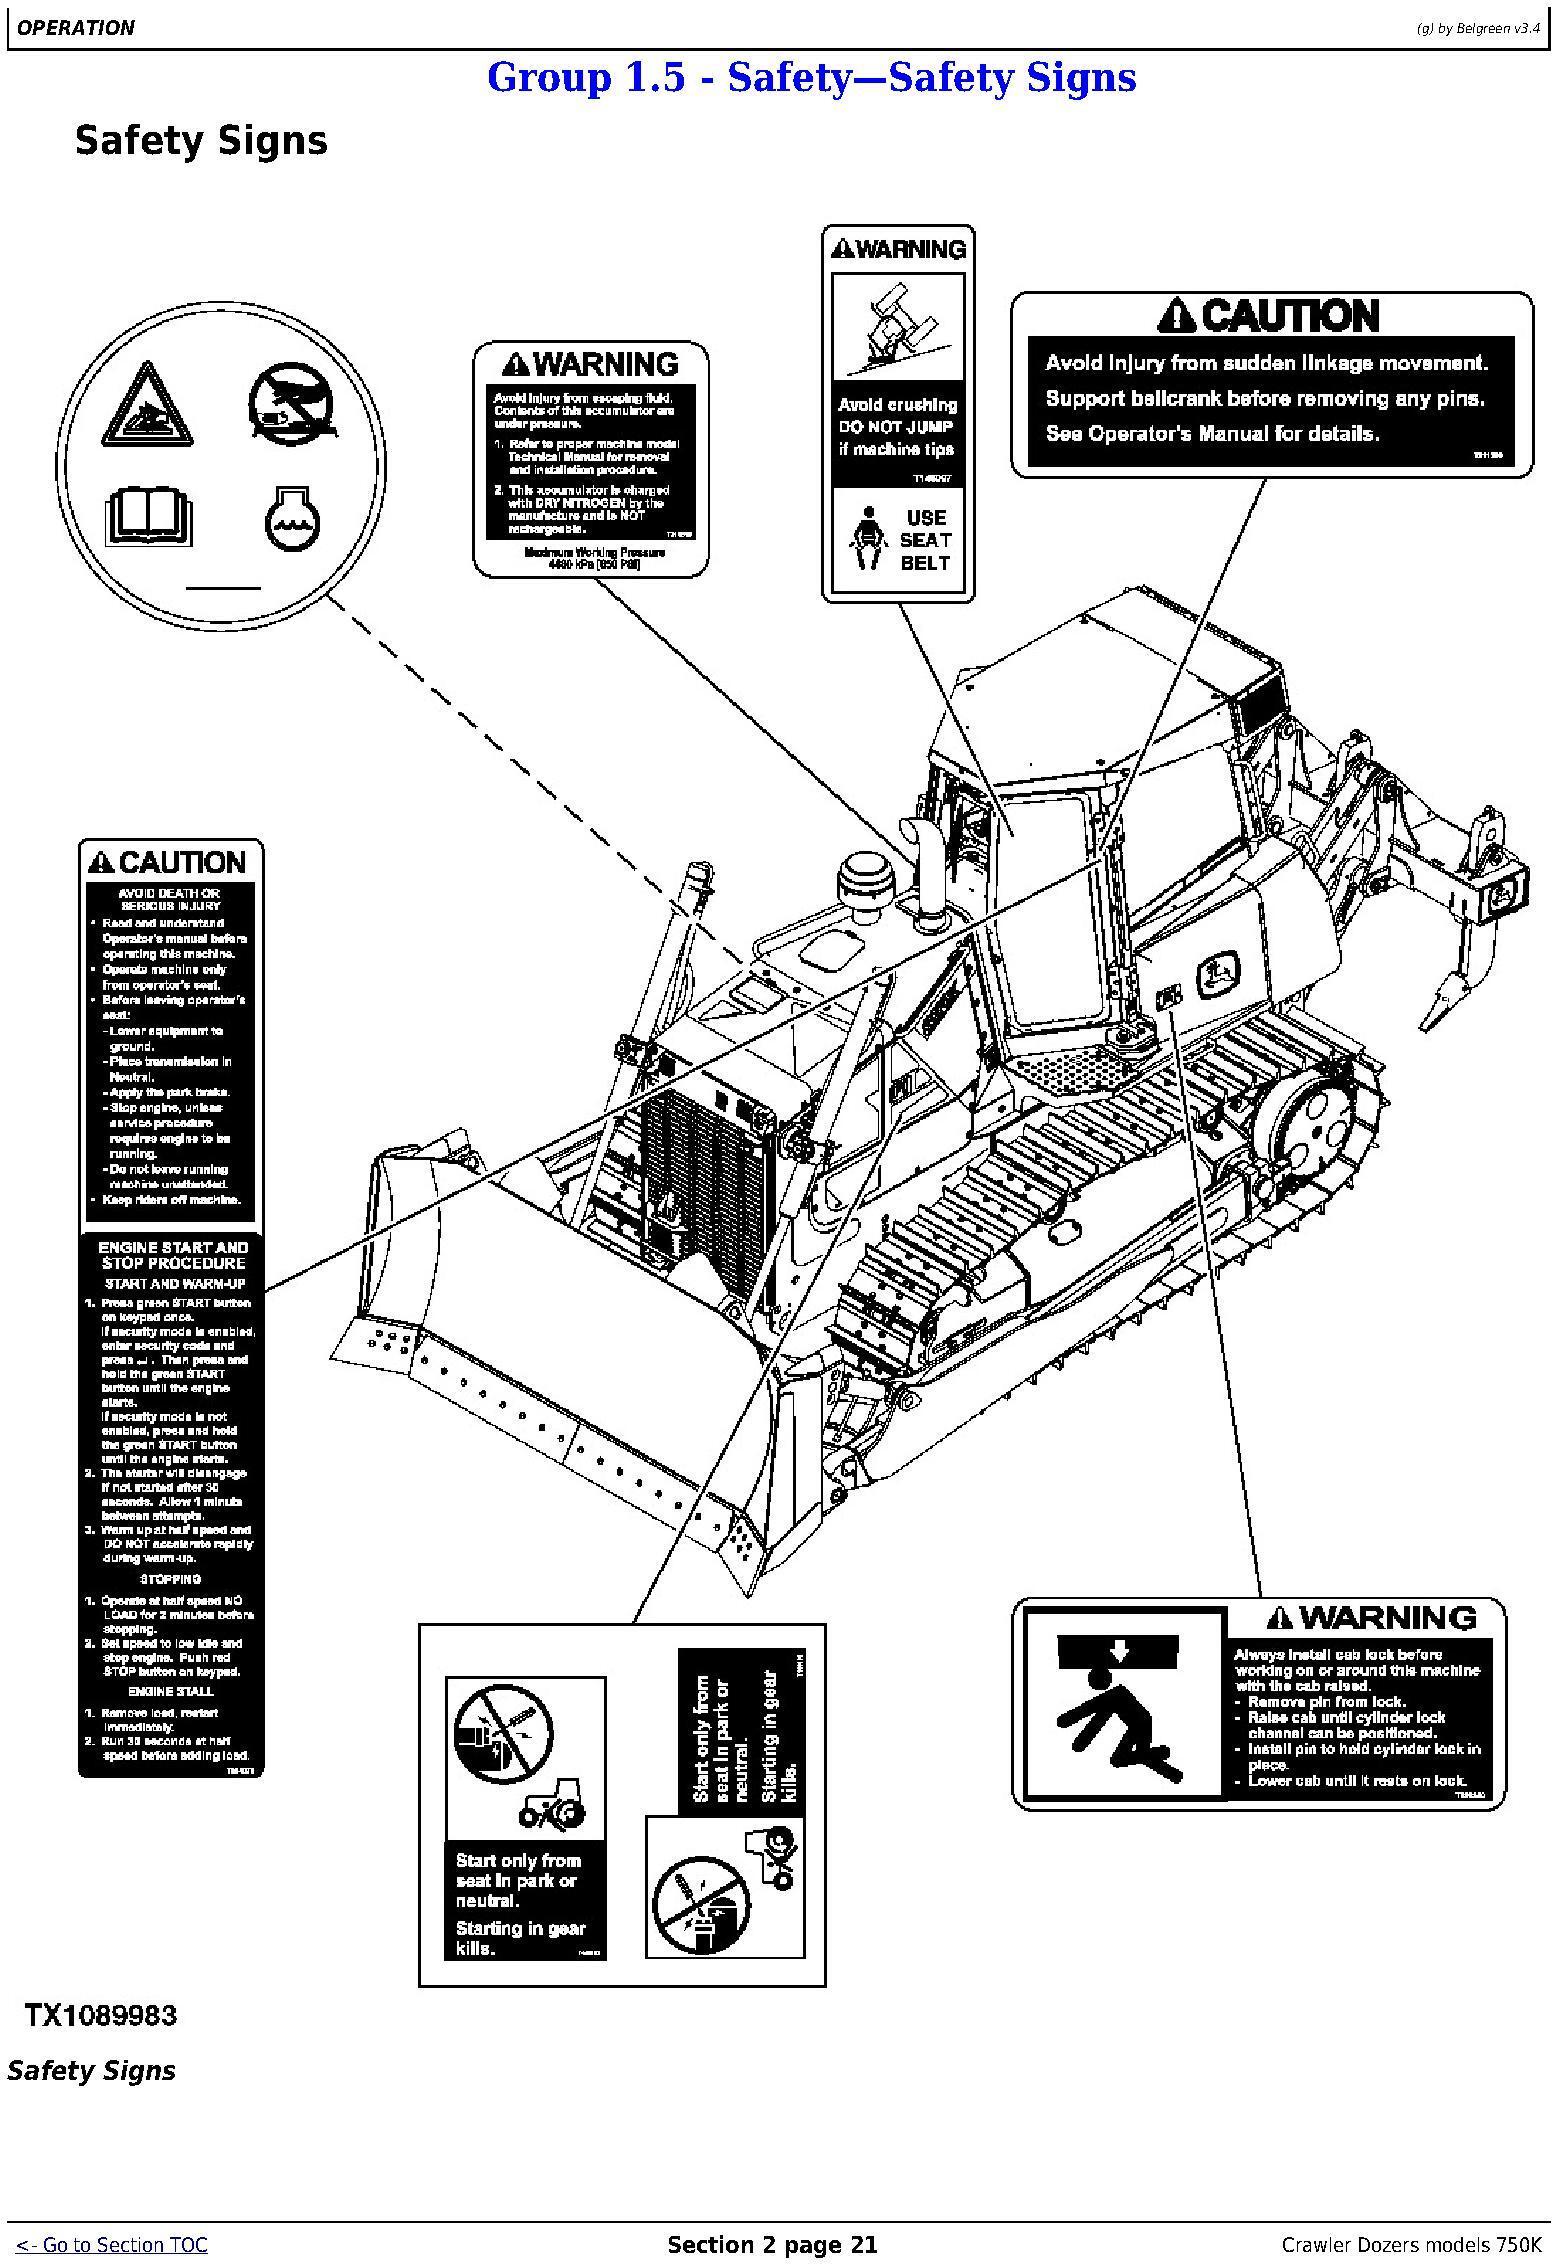 OMT298956 - John Deere 750K Crawler Dozer (PIN: 1T0750KX_ _E216966-) Operators Manual - 1